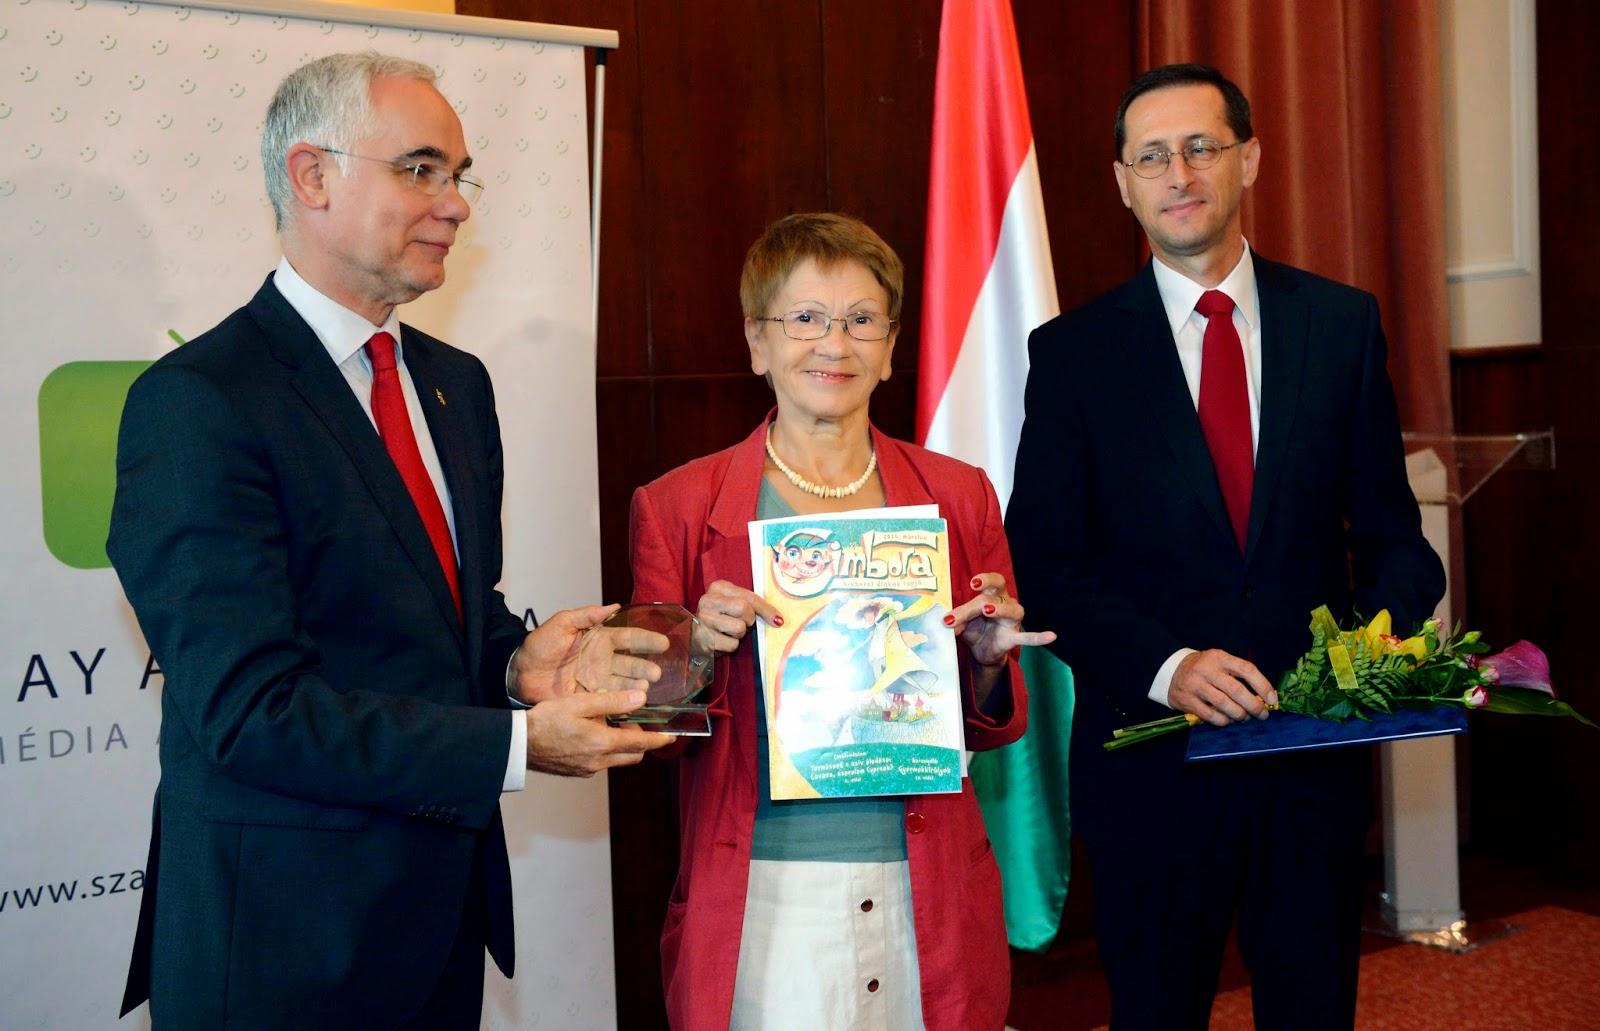 Szalay Annamária Média Alapítvány, Szalay Annamária-díj, Cimbora, média, kultúra, tudatos médiahasználat